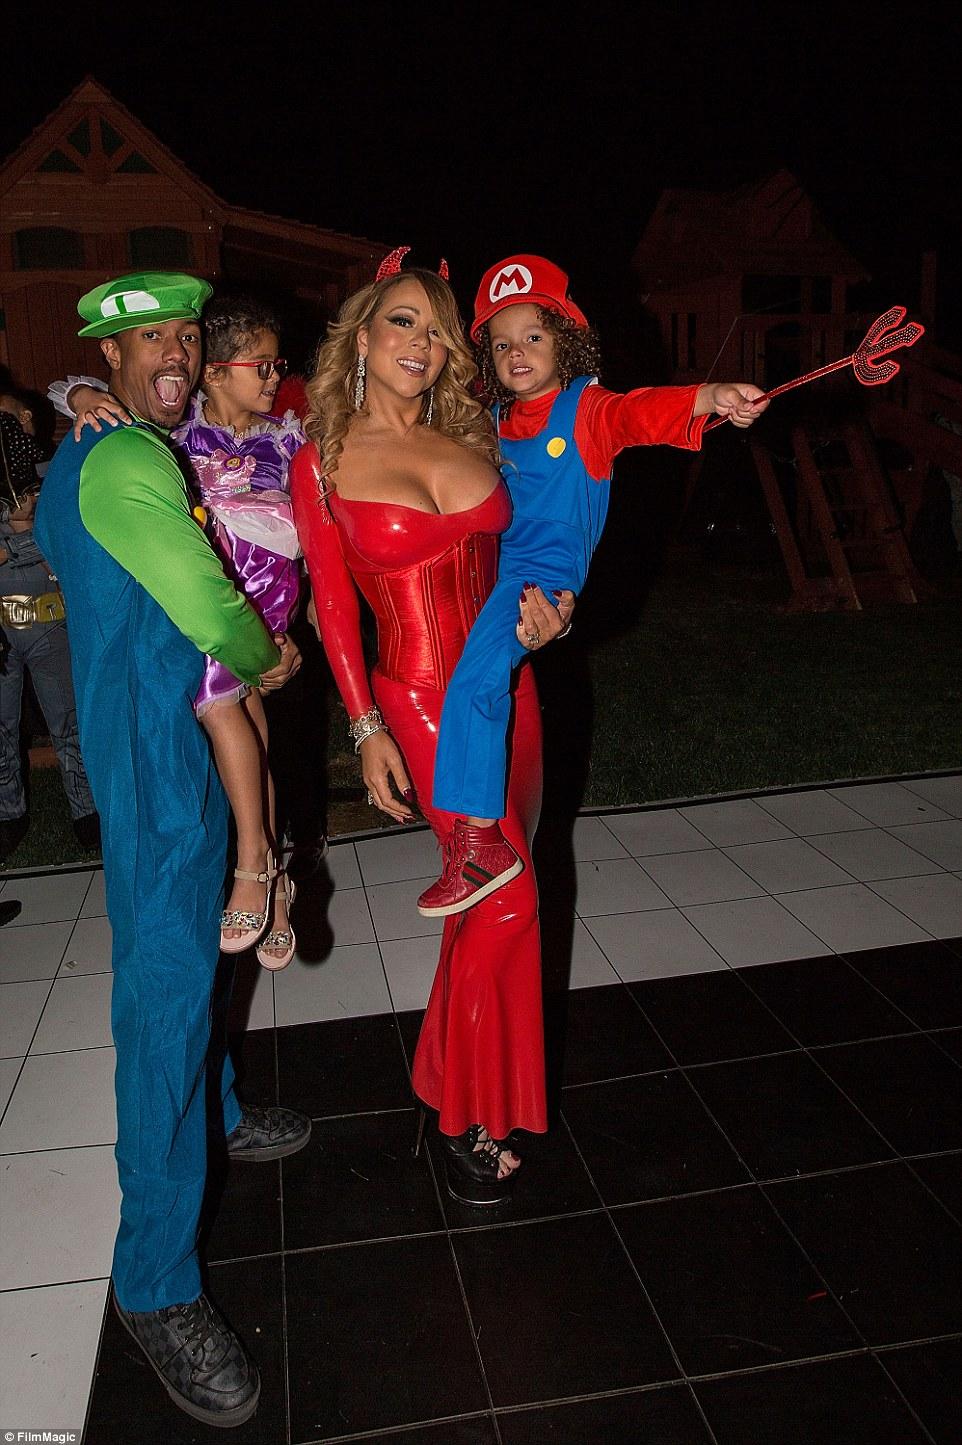 Певица Мэрайя Кэри в роли дьяволенка, а ее муж и дочка — супербратья Марио.